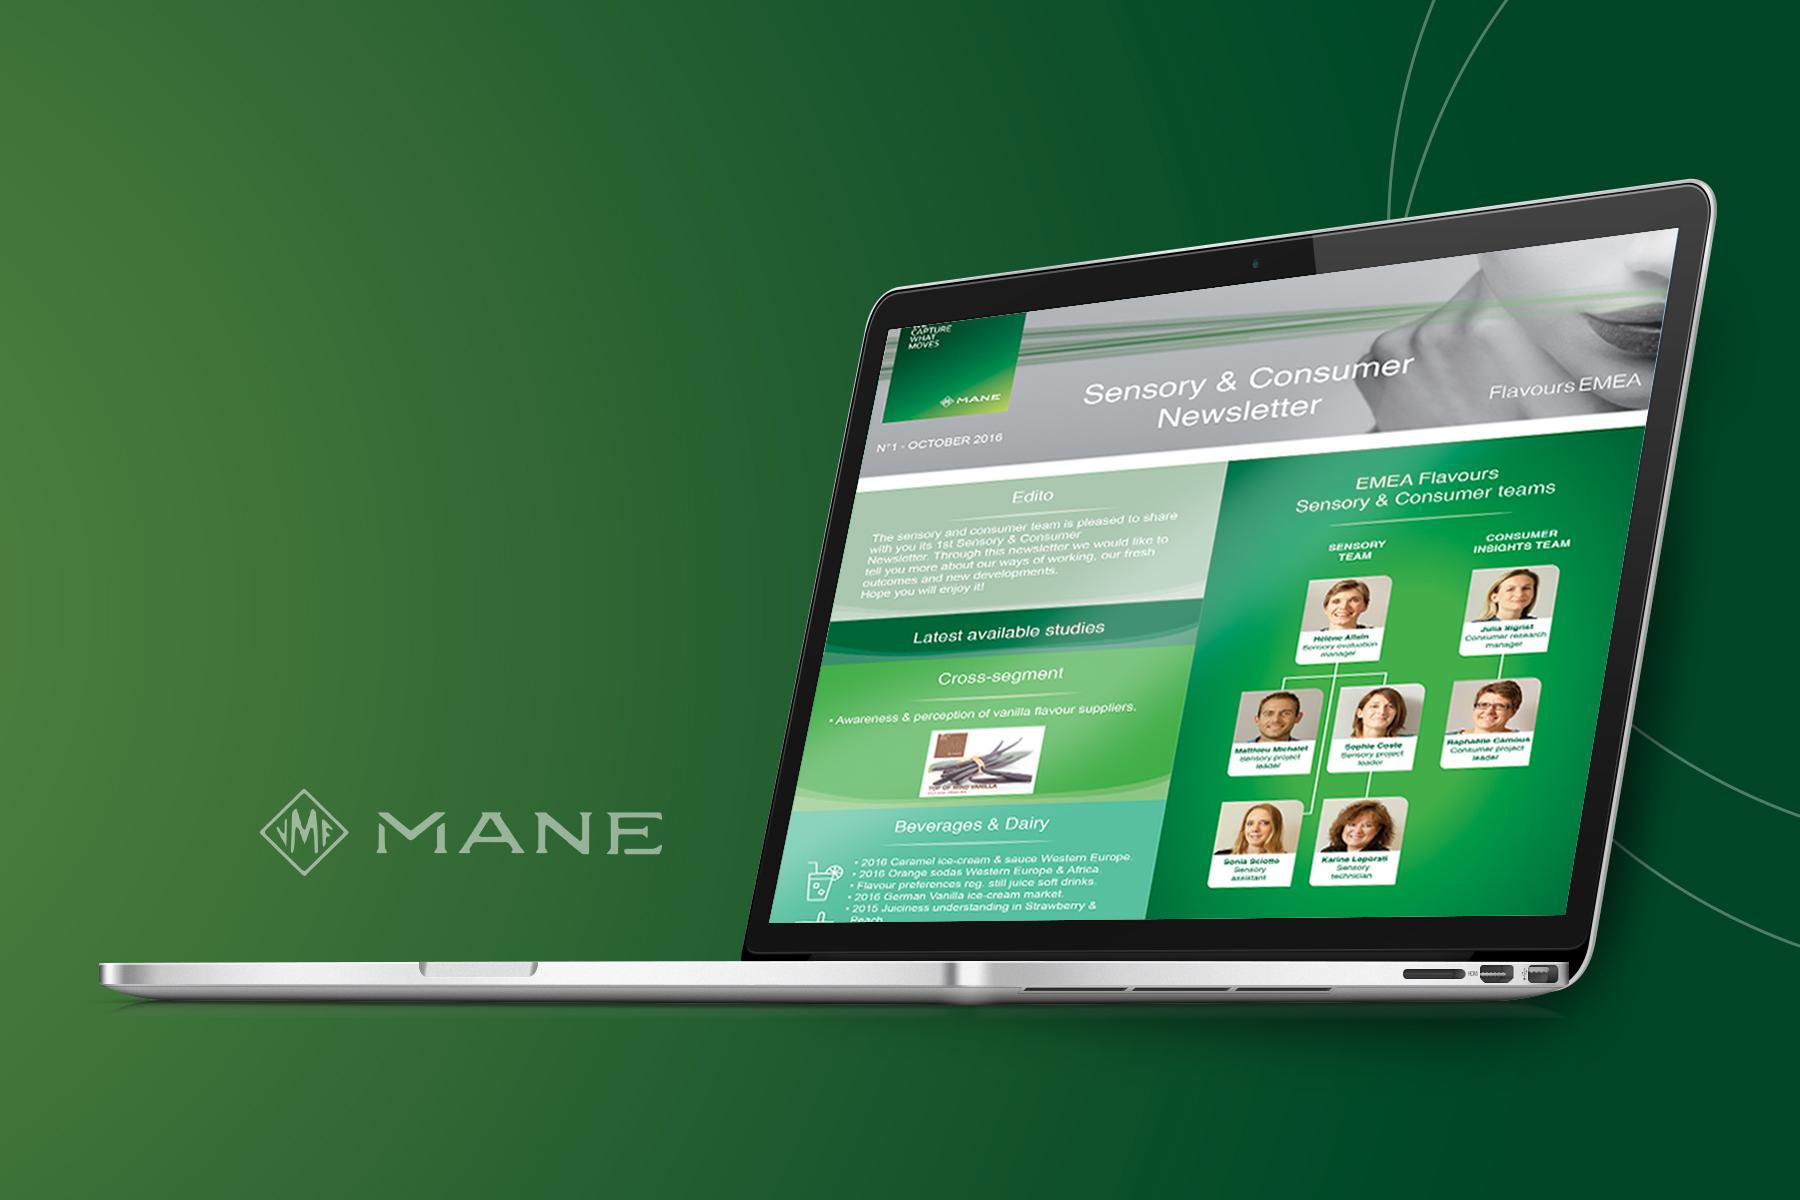 mane-newsletter-emailing-agence-communication-et-création-graphique-quelque-chose-en-plus